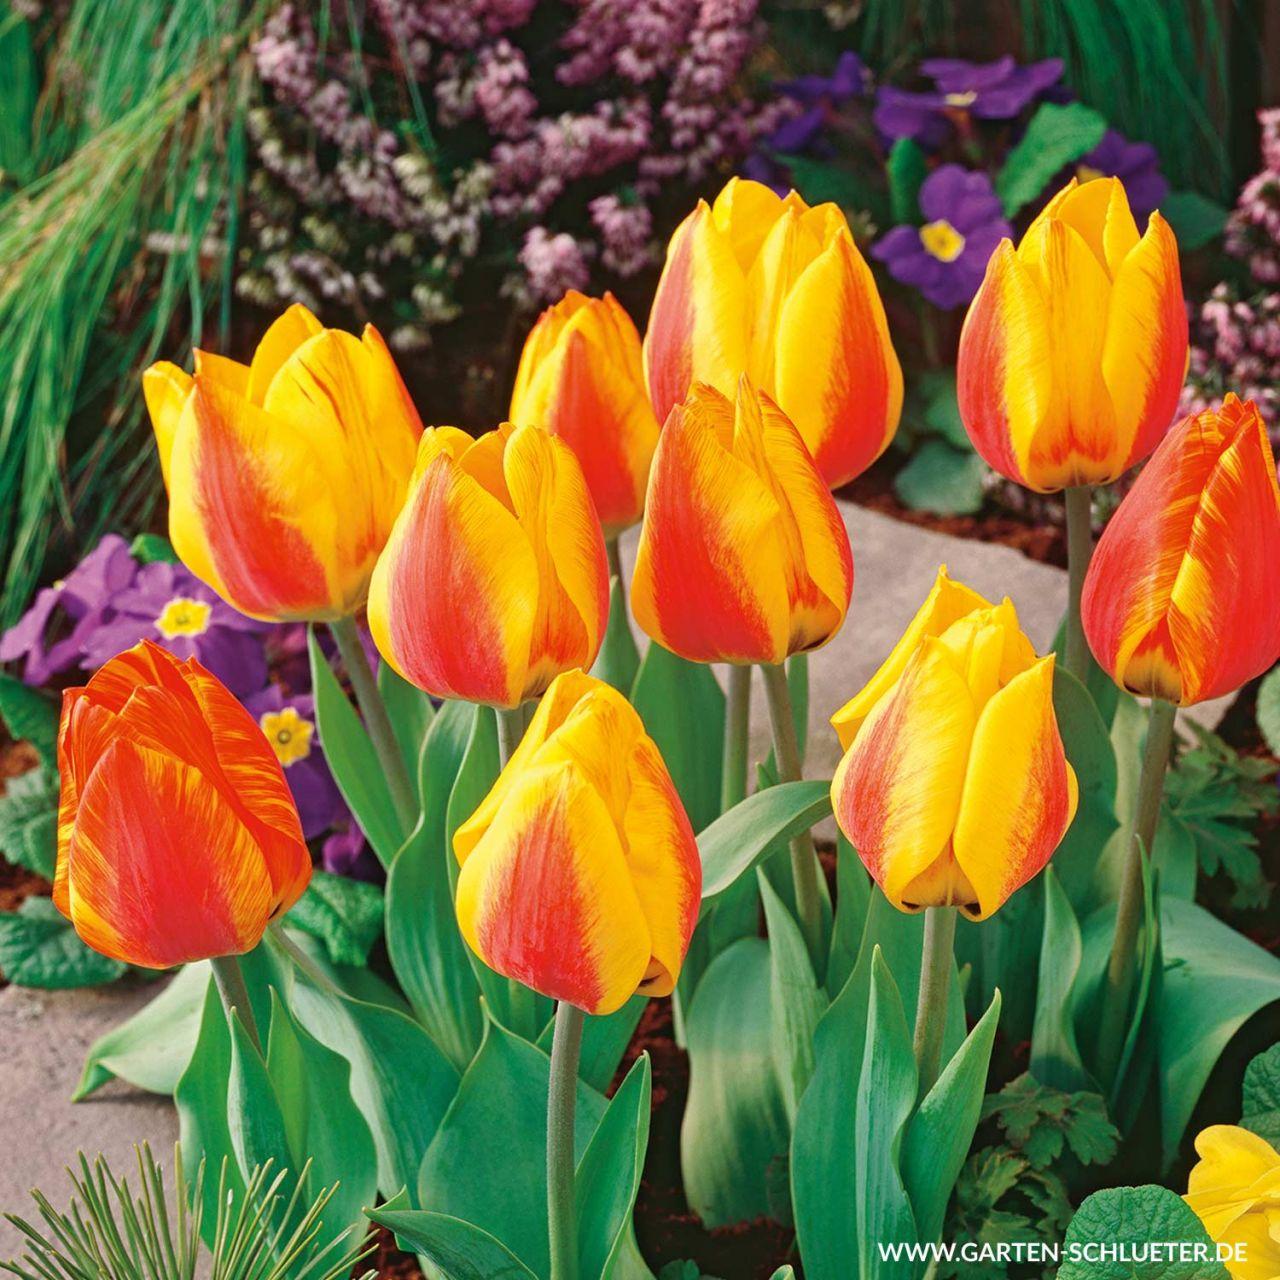 Garten-Schlueter.de: Einfache frühe Tulpe Flair - 10 Stück